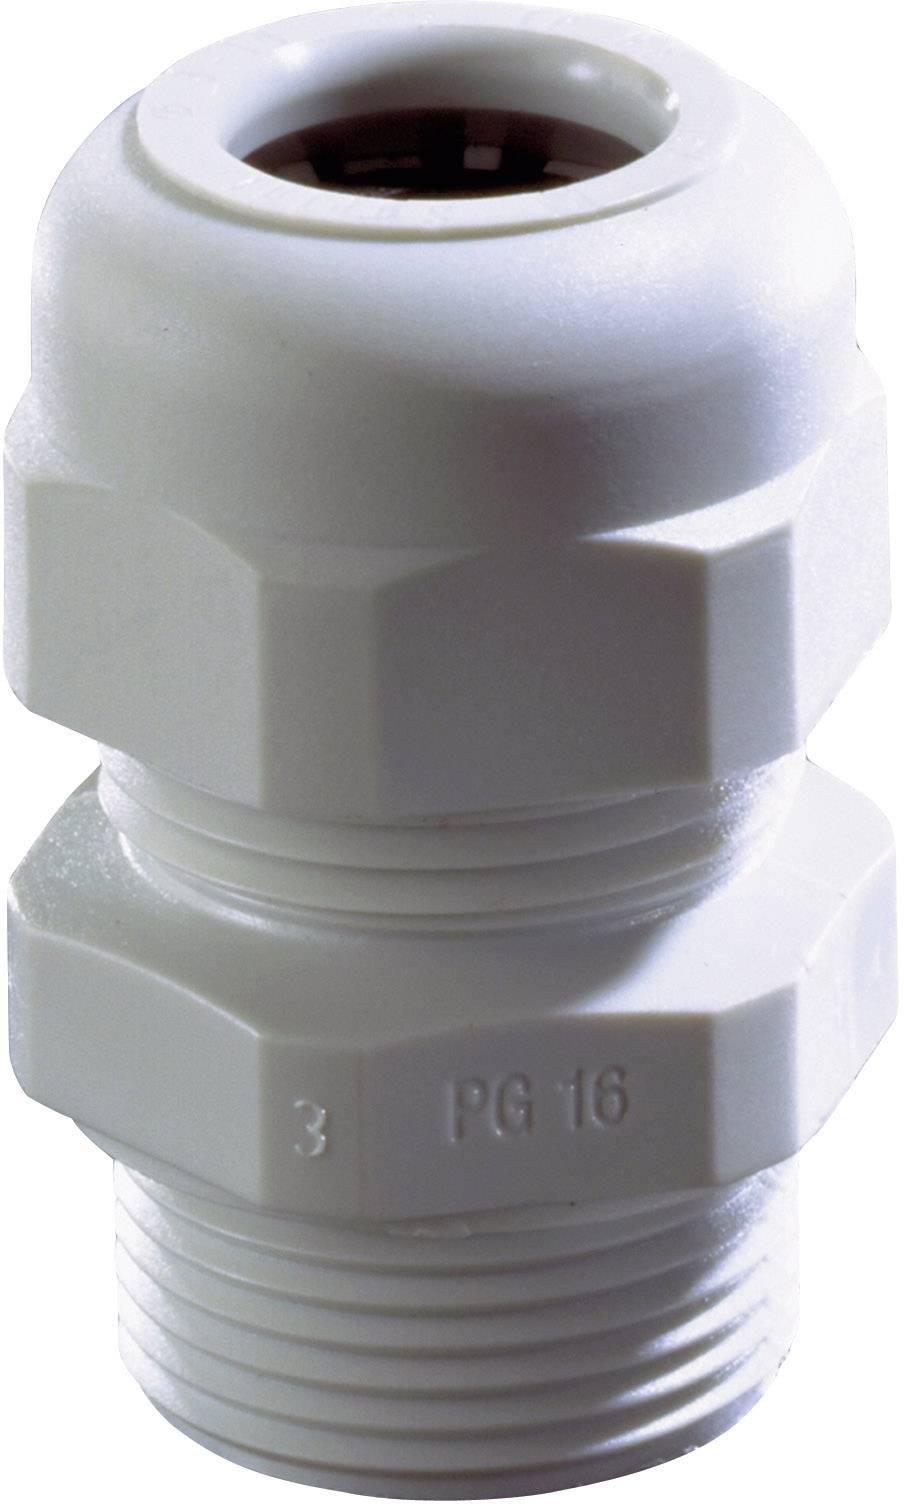 Káblová priechodka Wiska SKV PG36 RAL 7035, polyamid, svetlo sivá, 1 ks